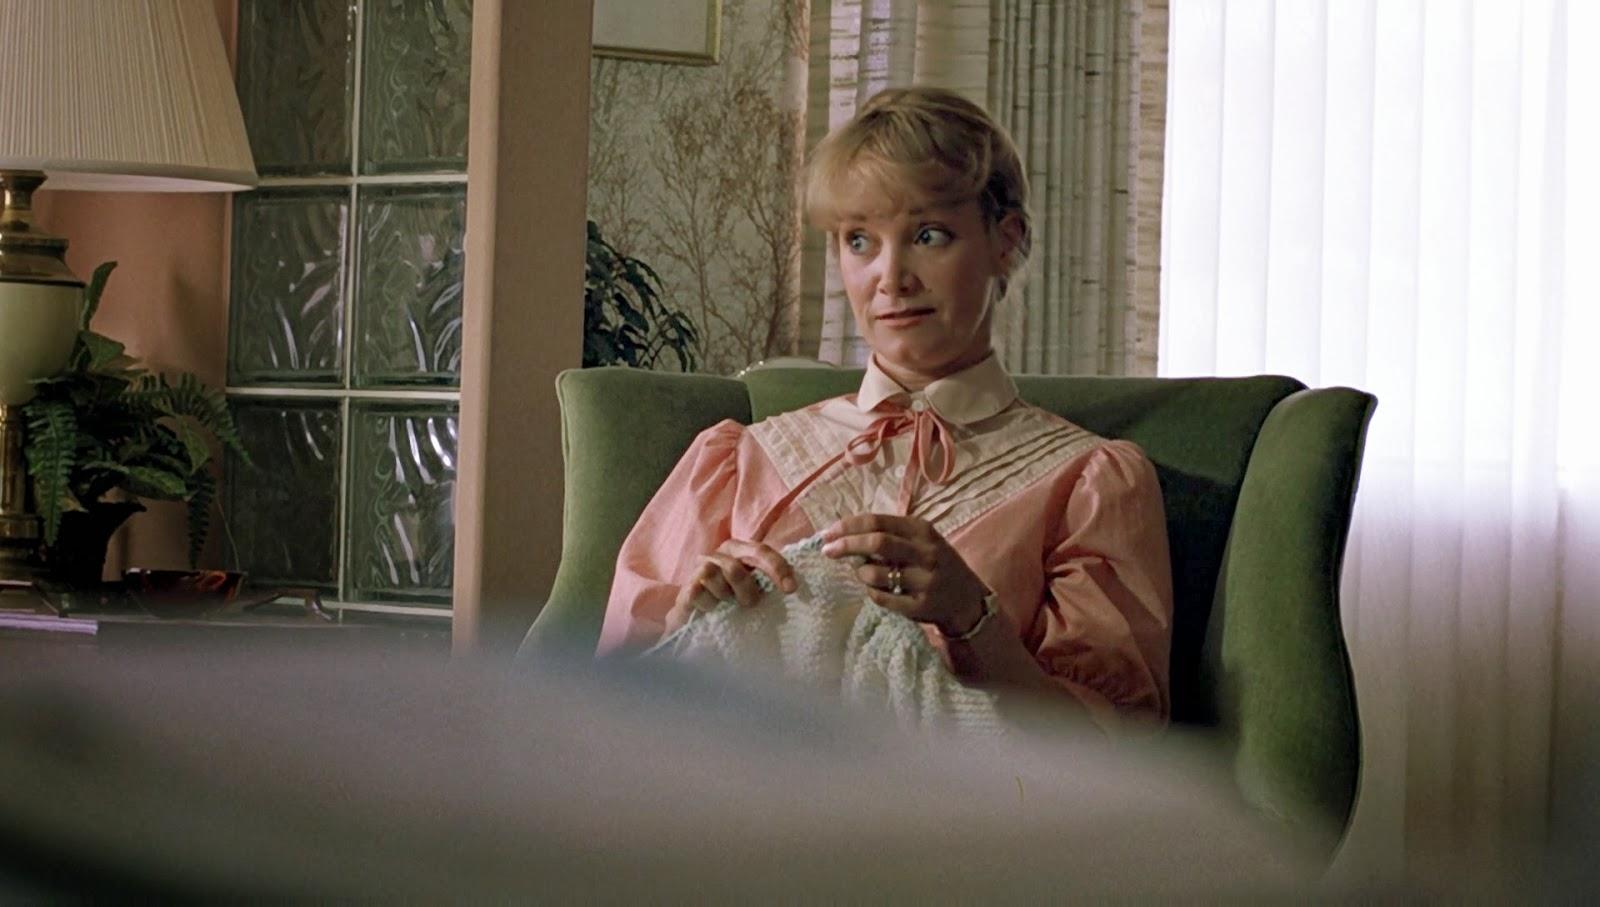 Lina Esco,June Squibb Porno videos Eva Robins (born 1958),Walter Pidgeon